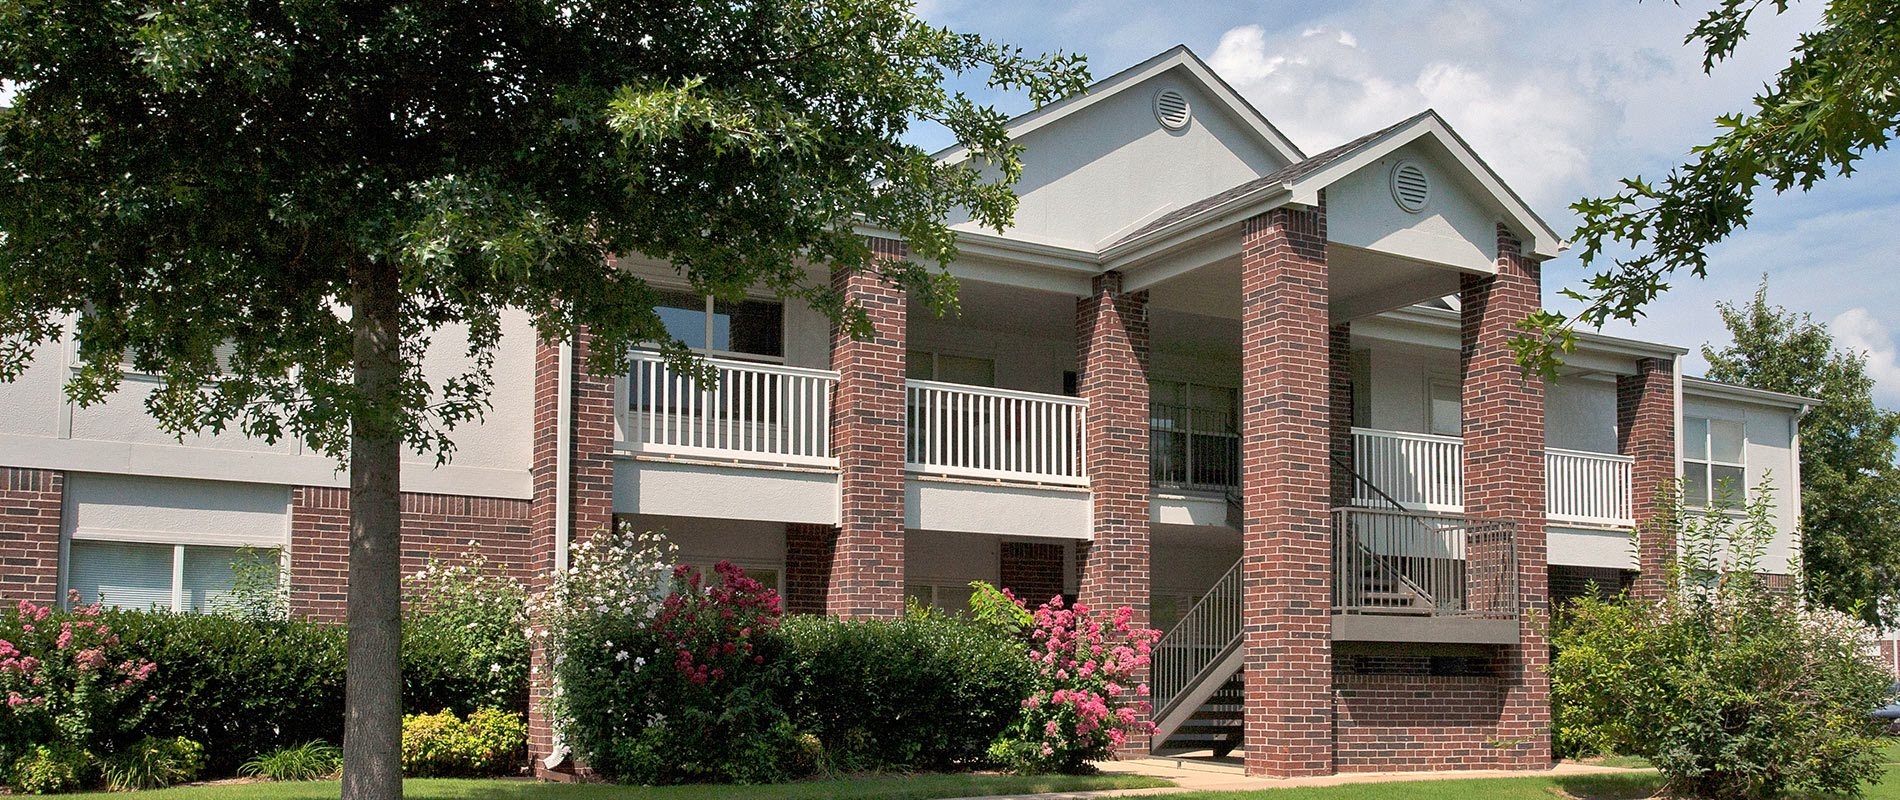 Siloam Springs homepagegallery 1